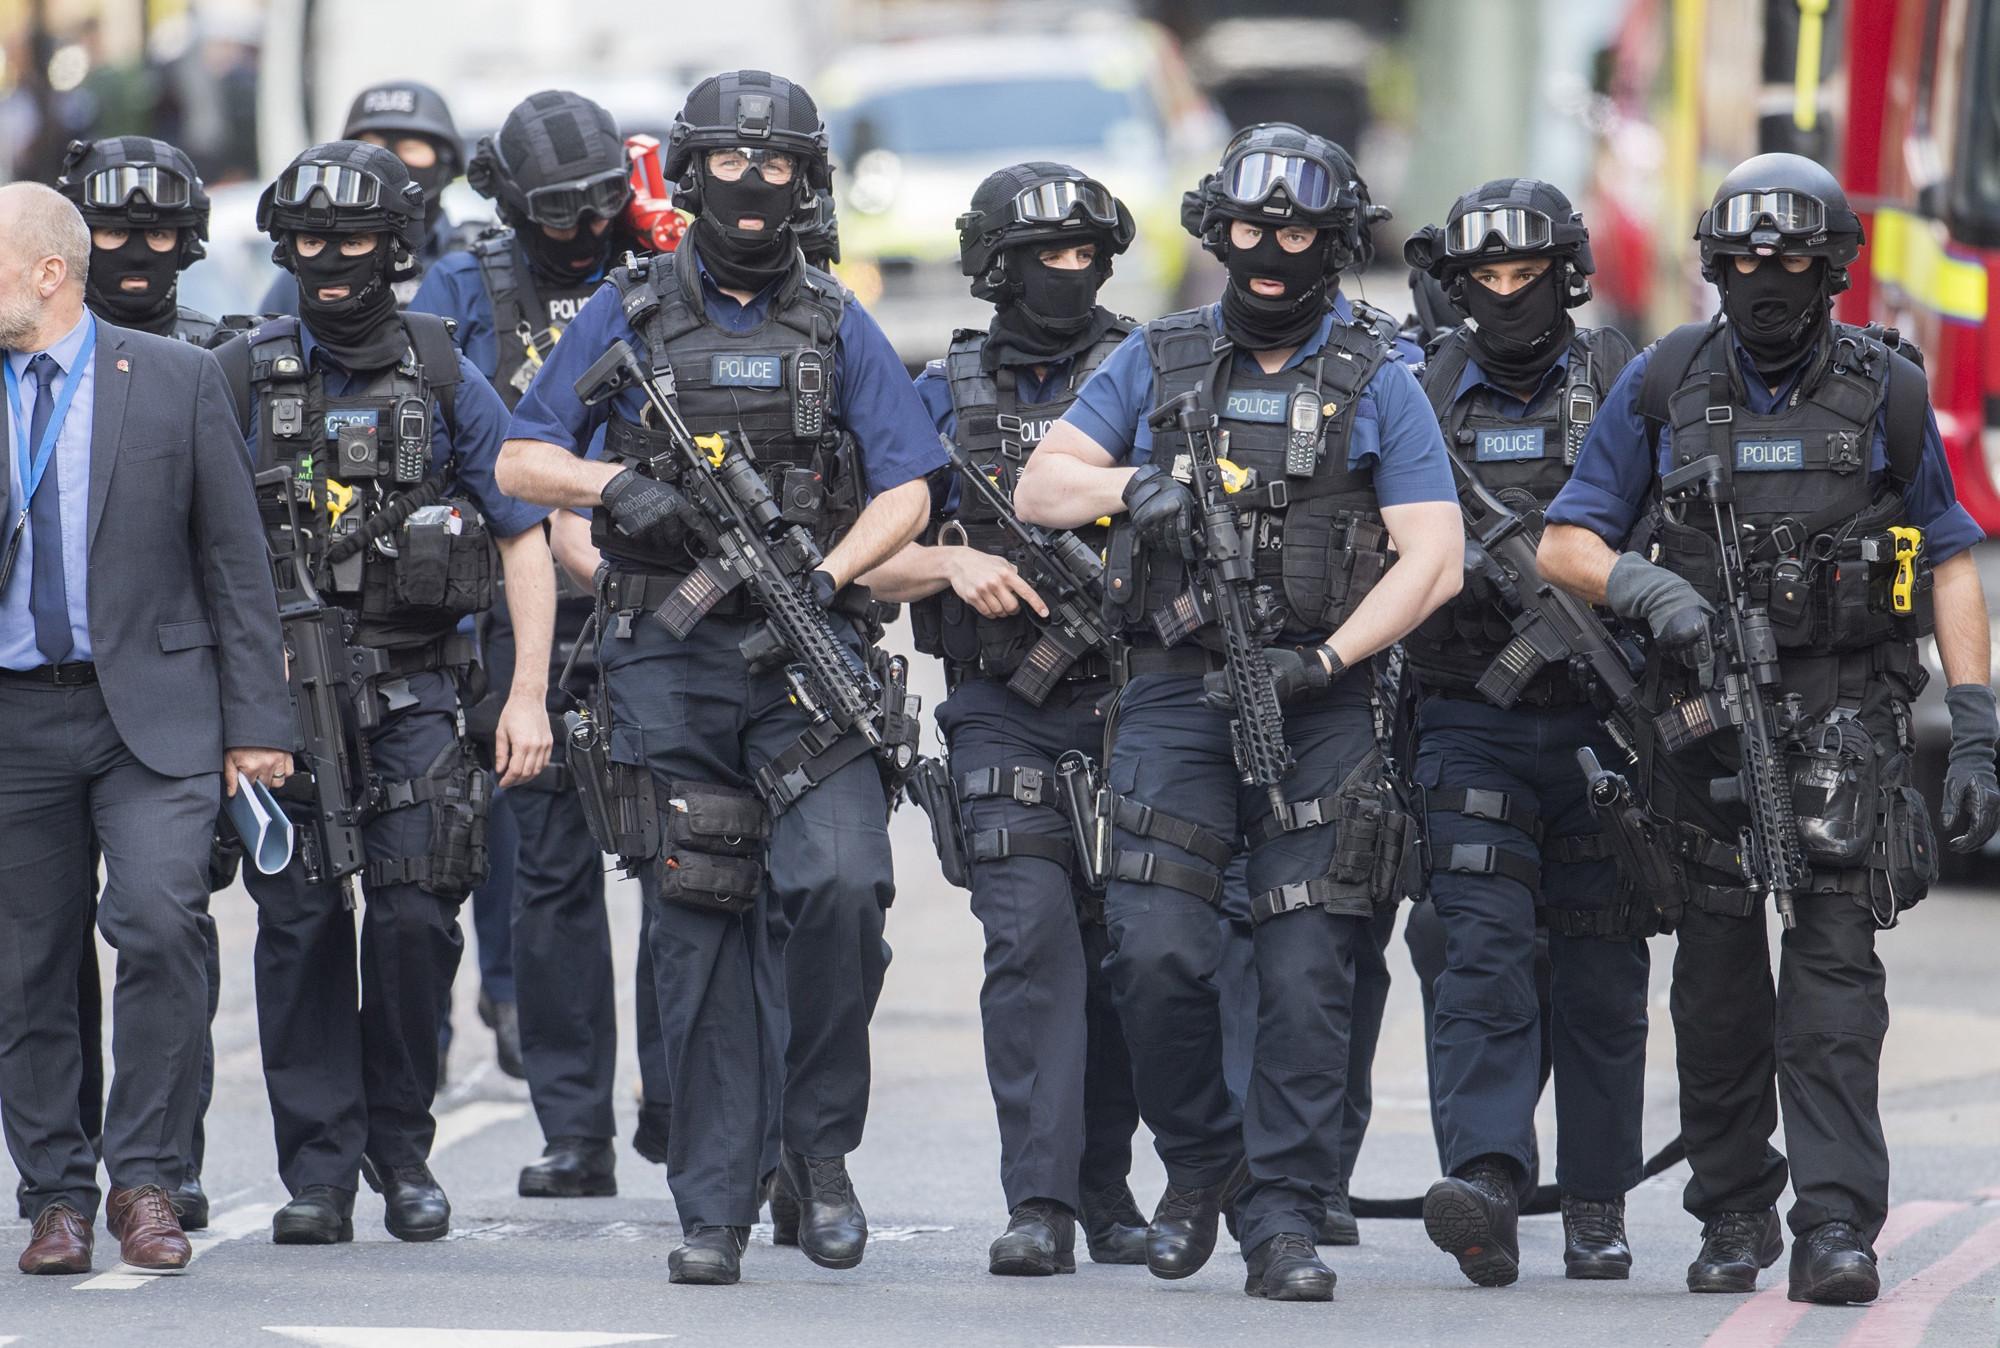 پنجاه هزار تندرو سراسر اروپا را تهدید می کنند